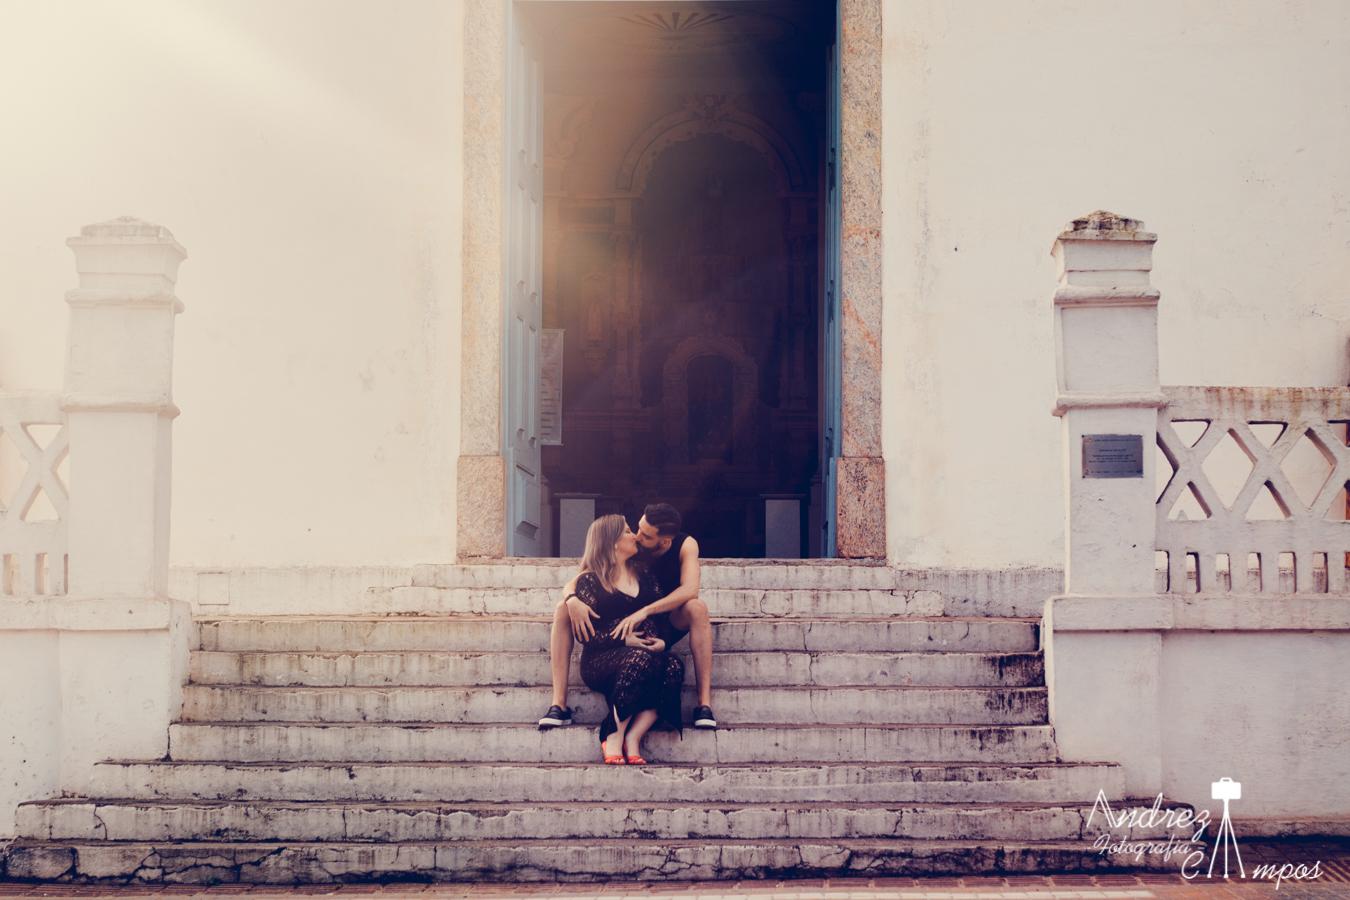 Contate Fotografo de casamento e ensaio em Florianópolis - Andreza Campos